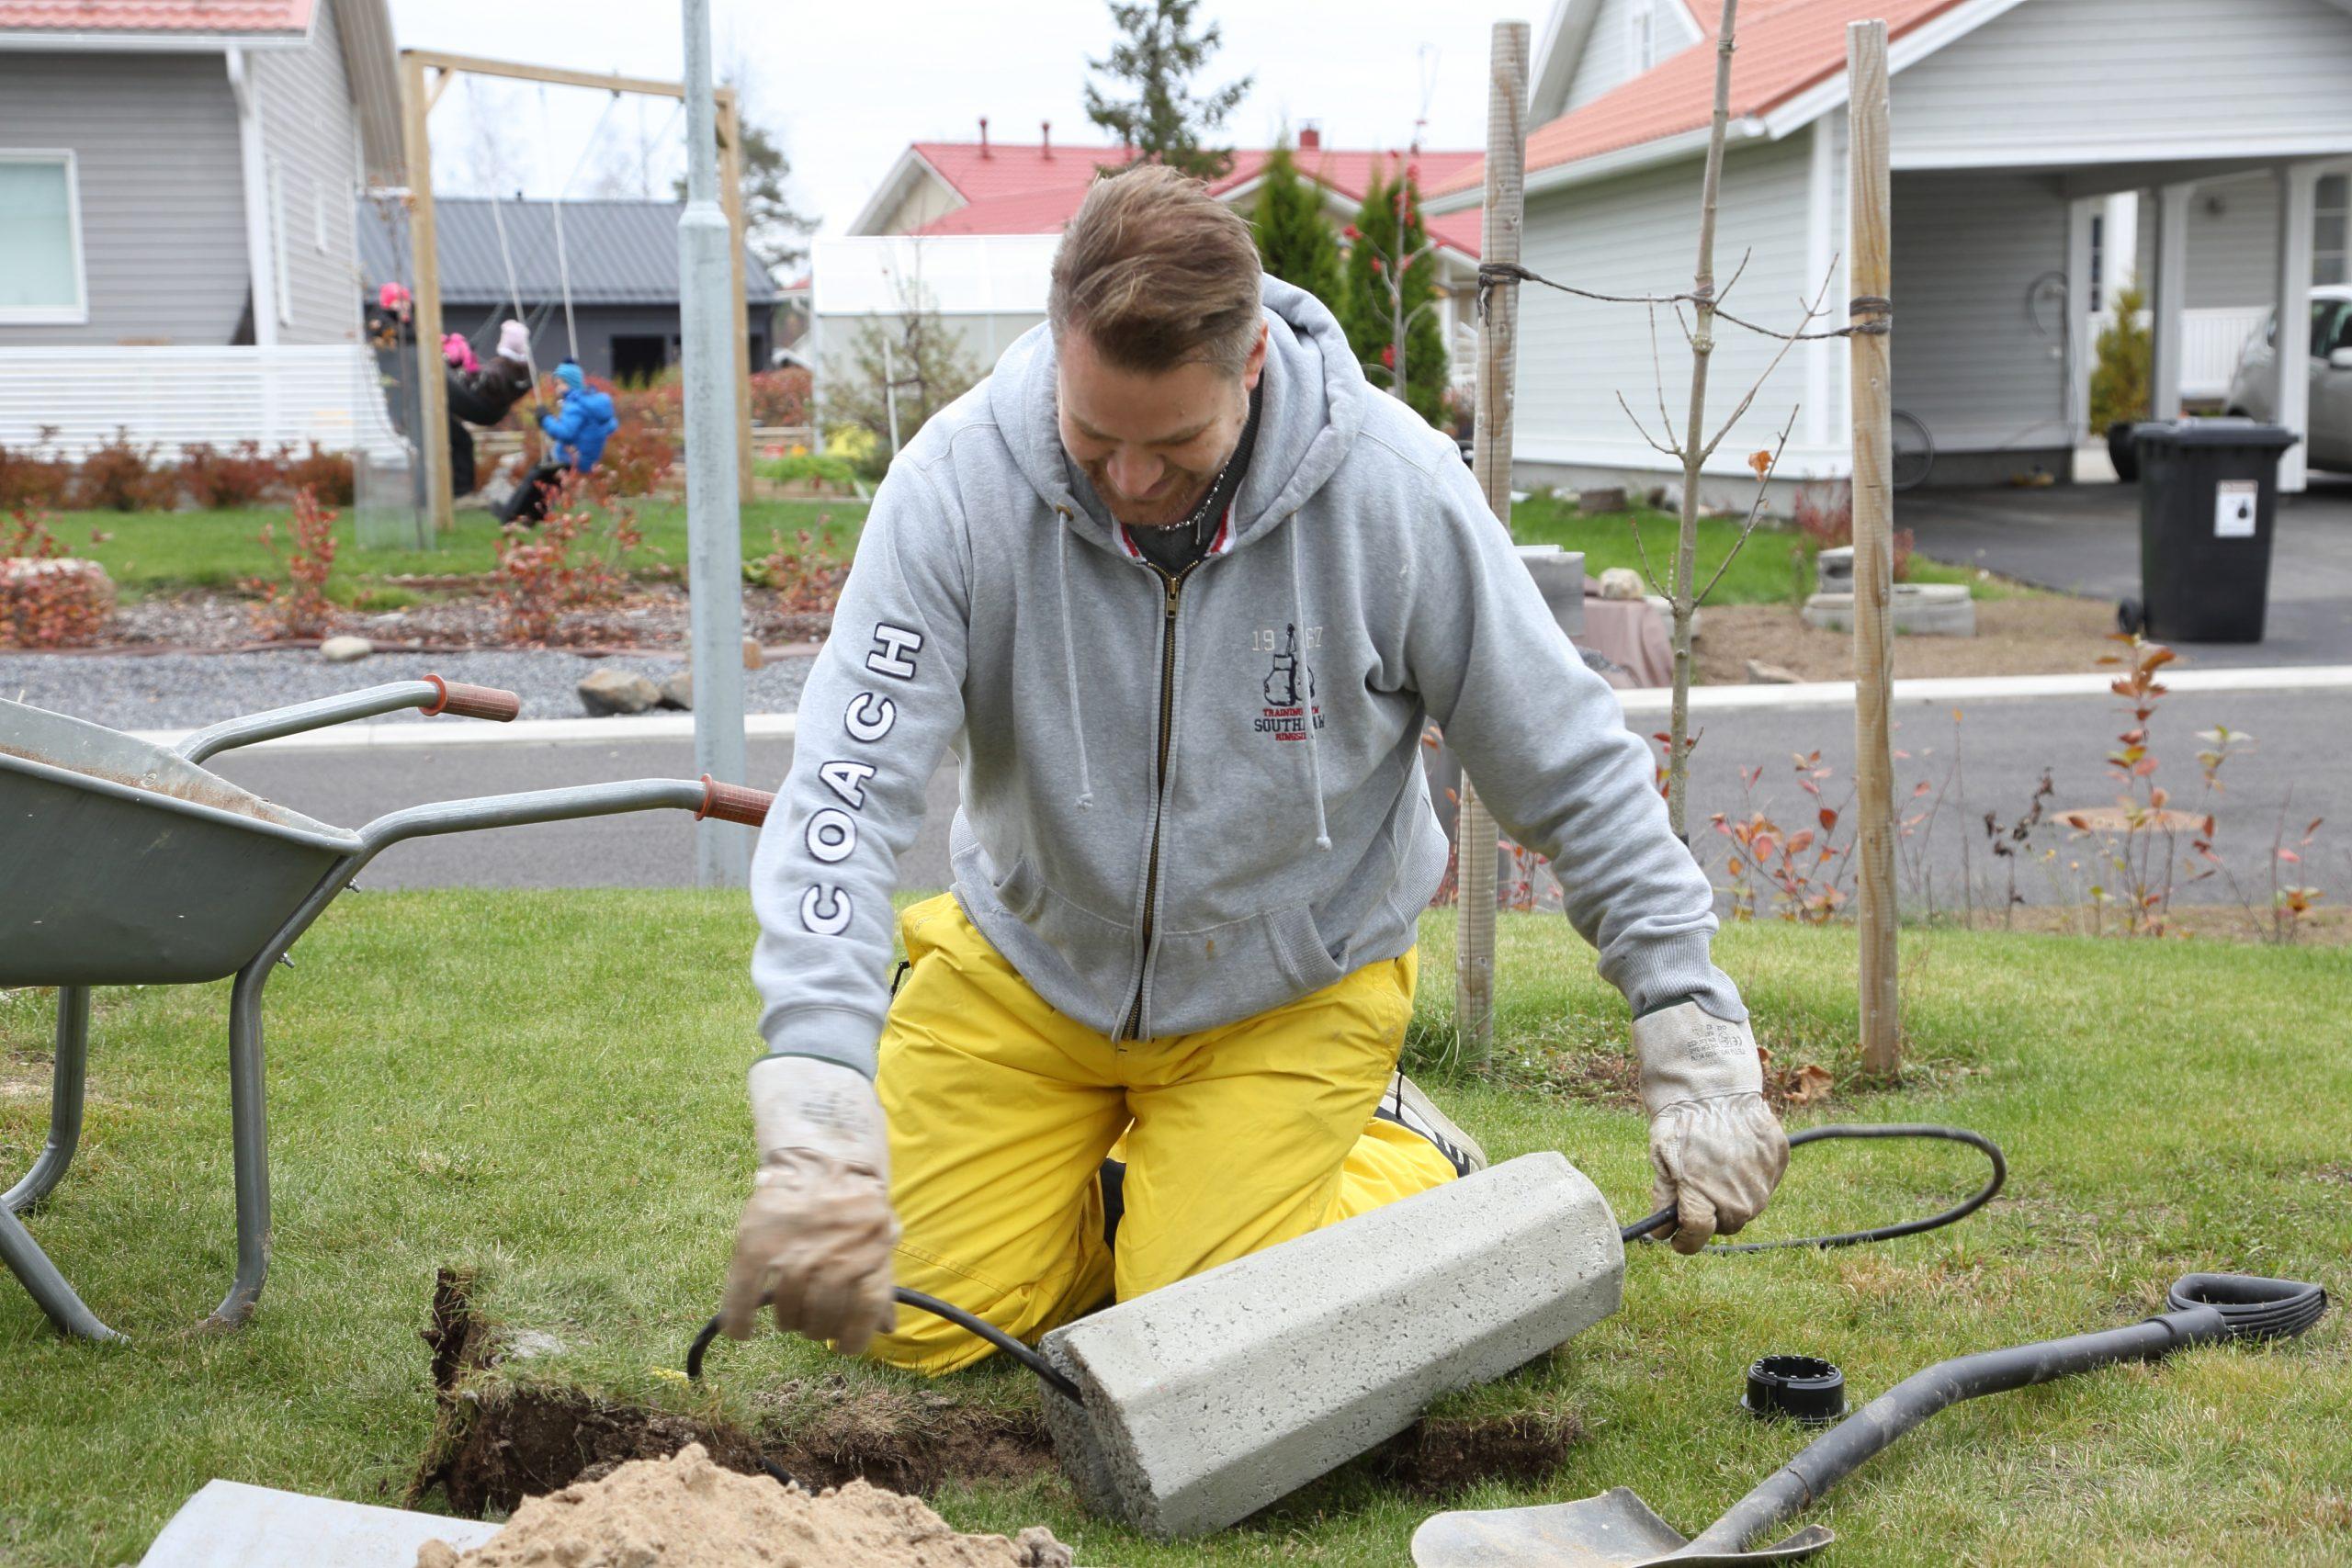 Sähkökaapeleiden ojat voi kaivaa hyvin itse sähköurakoitsijan antamia ohjeita noudattaen. Kuva Anne Yrjänä.